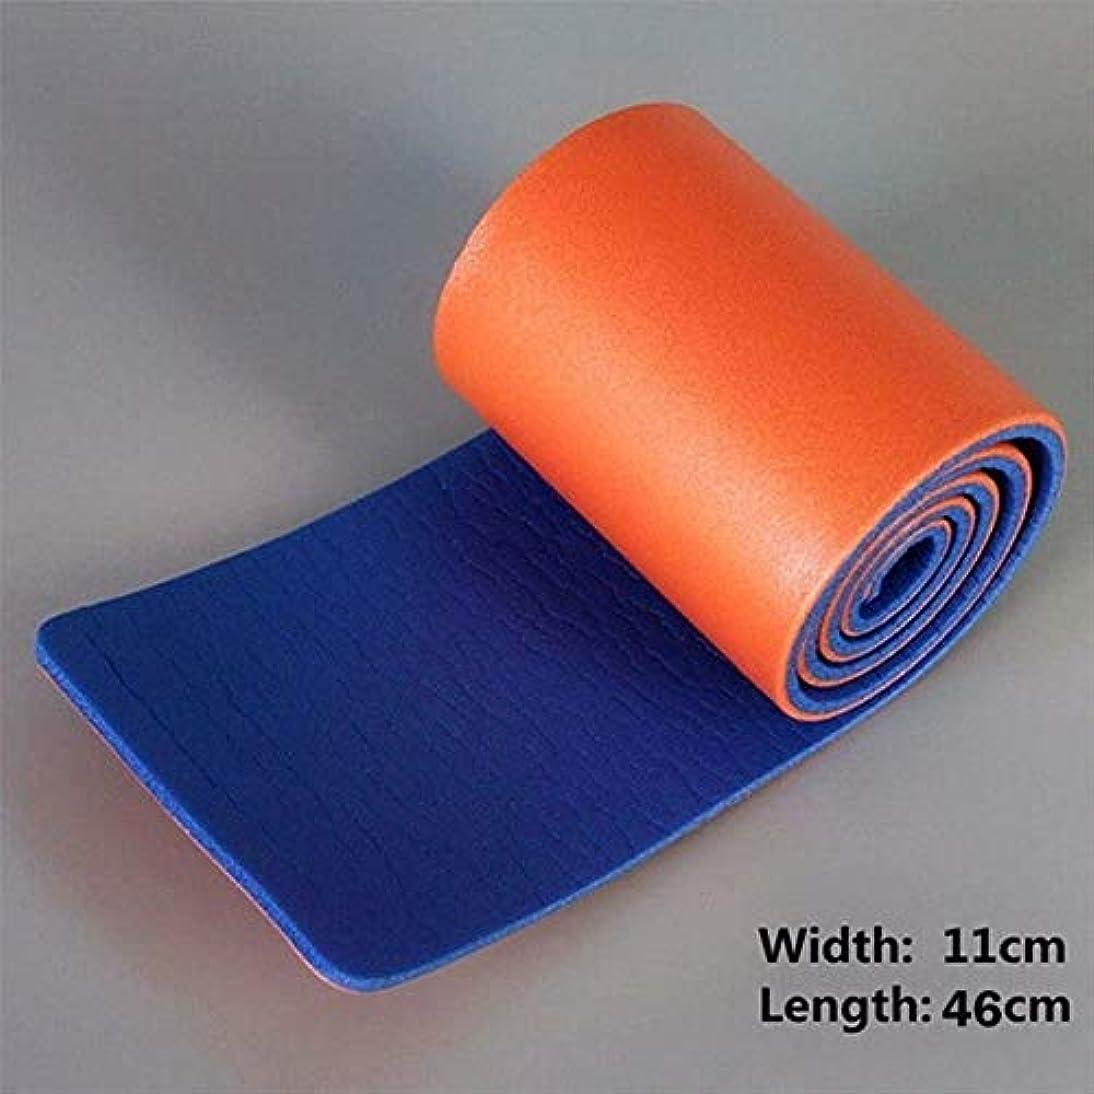 乳白感謝している乏しい圧着合板フル合板 - ハンド合板イージーモールド合板オレンジ